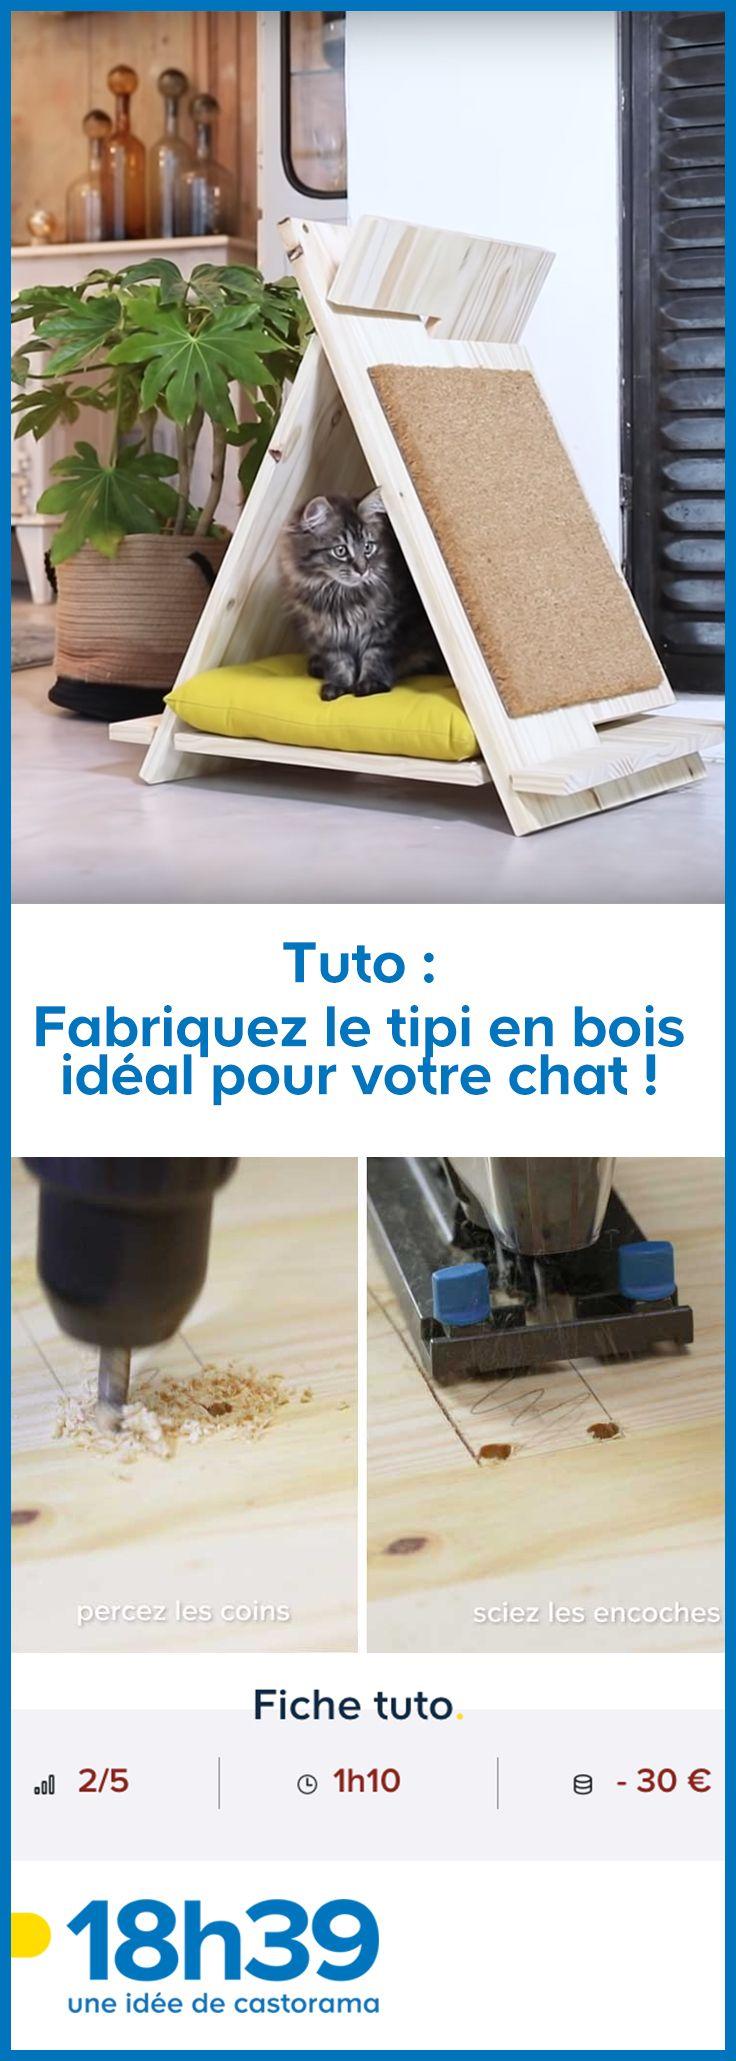 Tuto : Fabriquez le tipi en bois idéal pour votre chat !